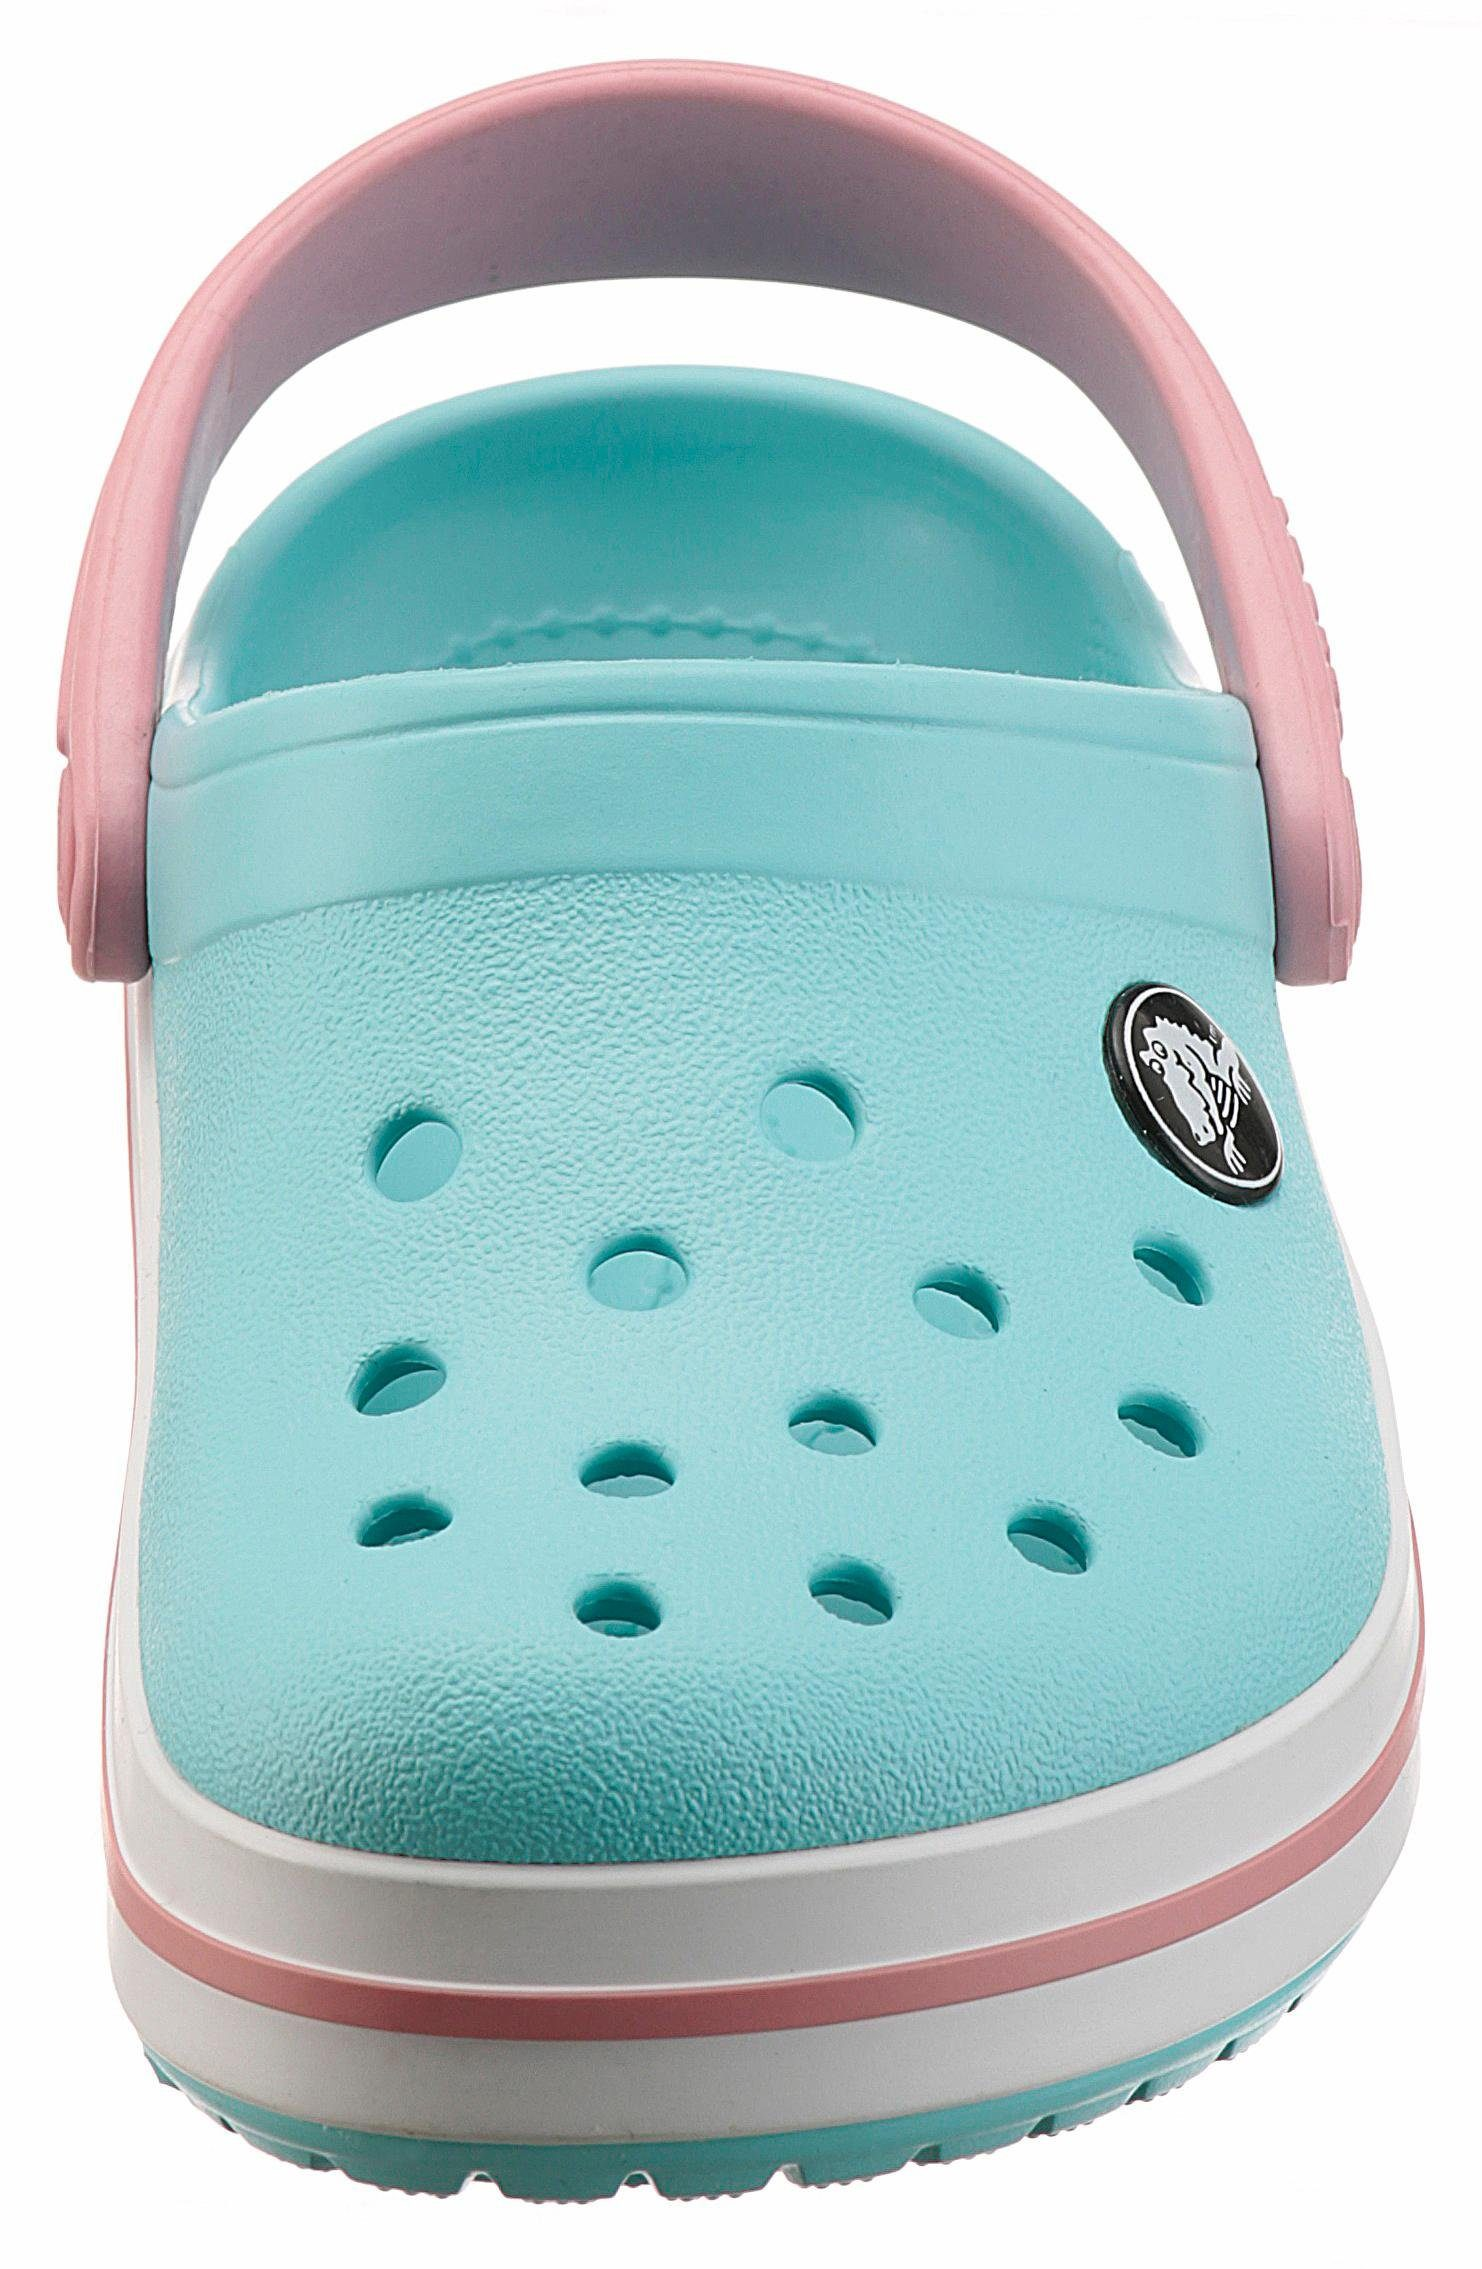 Crocs »Crocband Clog« Clog, mit kontrastfarbenen Akzenten, blau, hellblau-weiß